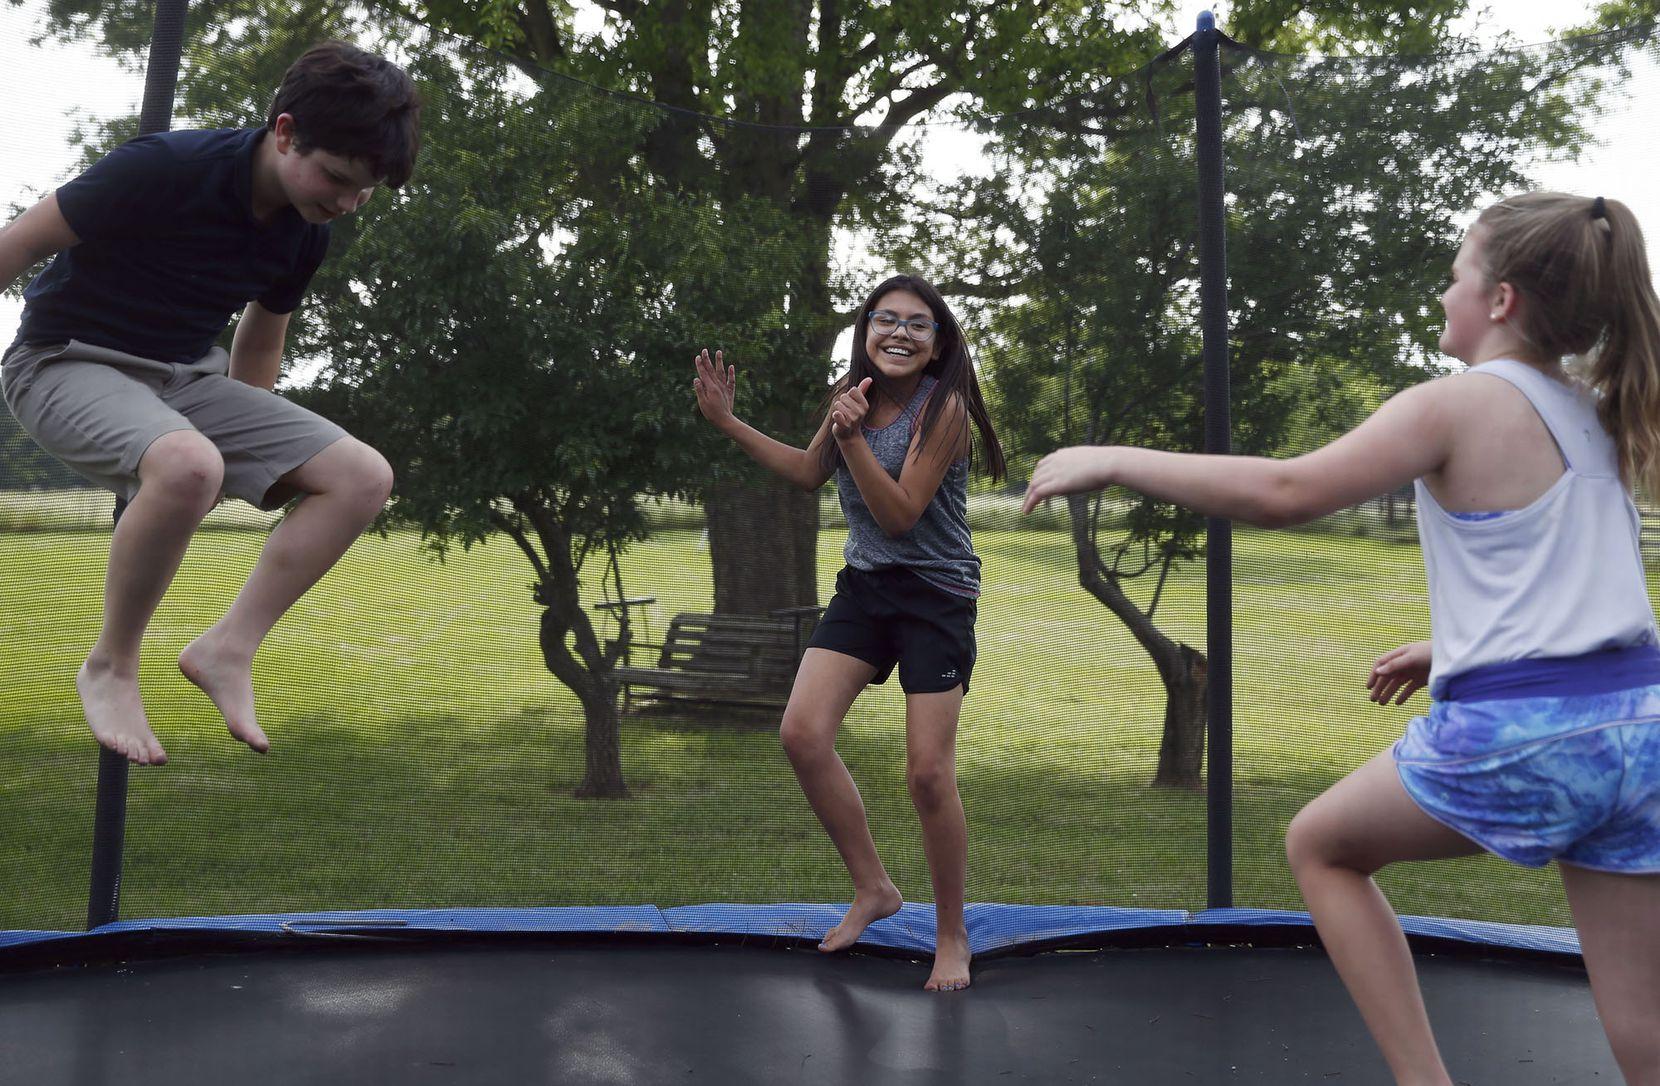 Simon Cooper (izquierda), Emi Ballard, (centro) y Spencer Butrum (derecha) juegan en un trampolín en la casa de Emi en Longview, Texas. (Vernon Bryant/DMN)